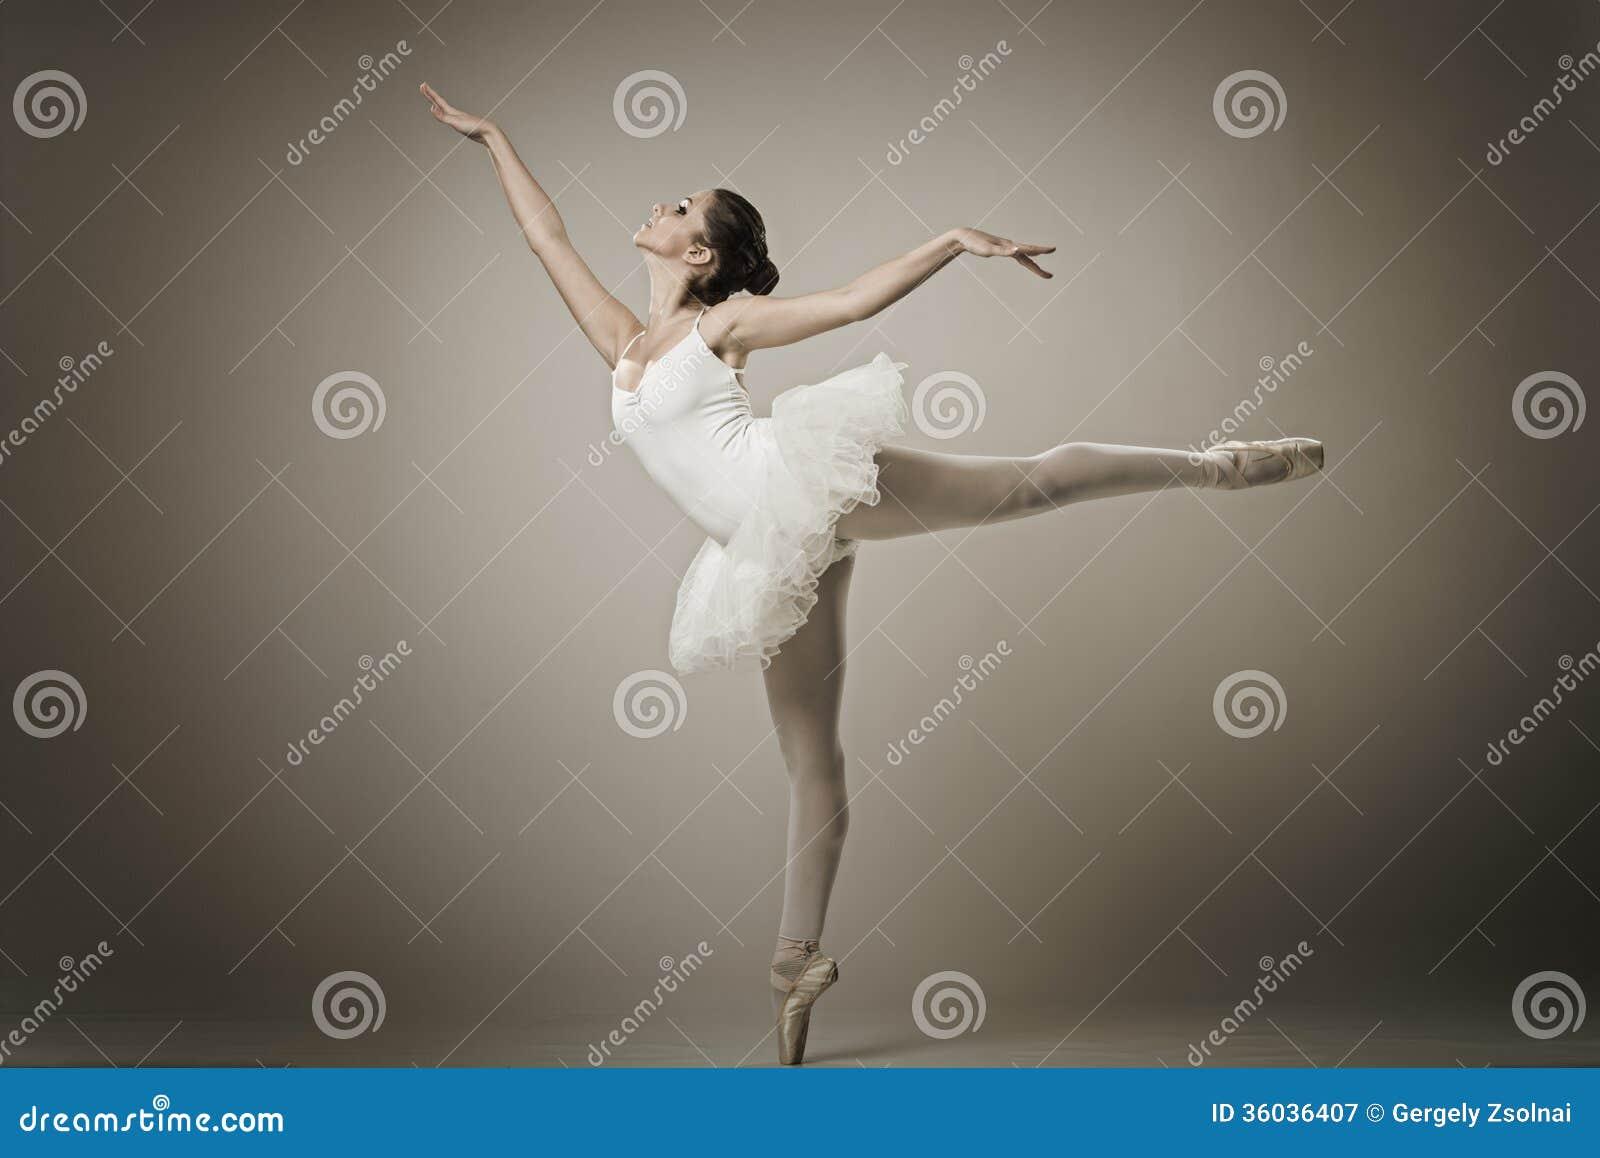 балетные позы в шопенке для фото ухаживать термобельем Как